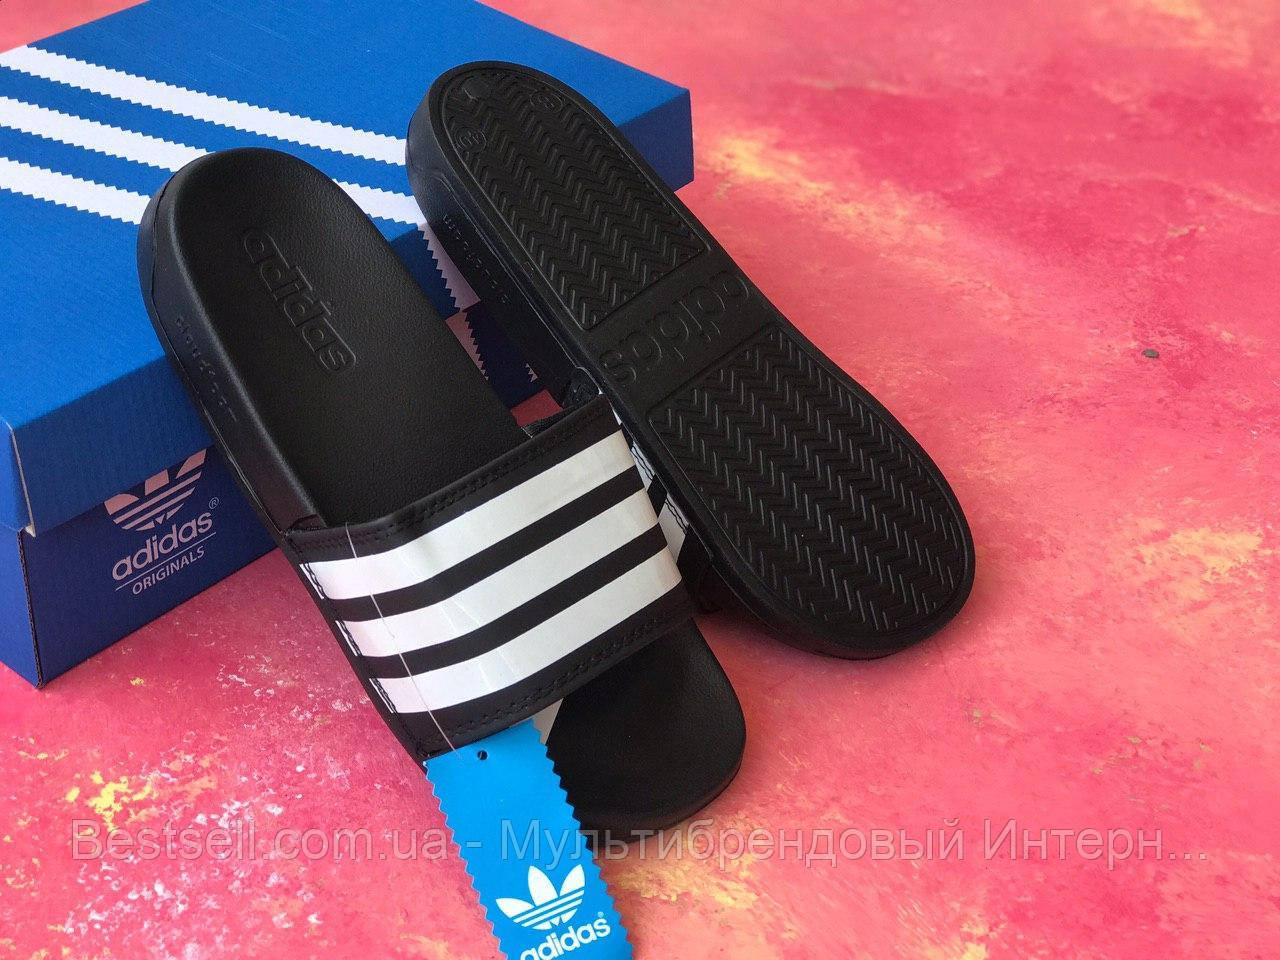 Шльопанці чоловічі чорні Adidas / Сланці / шльопанці Adidas /шльопанці / адідас / чорні